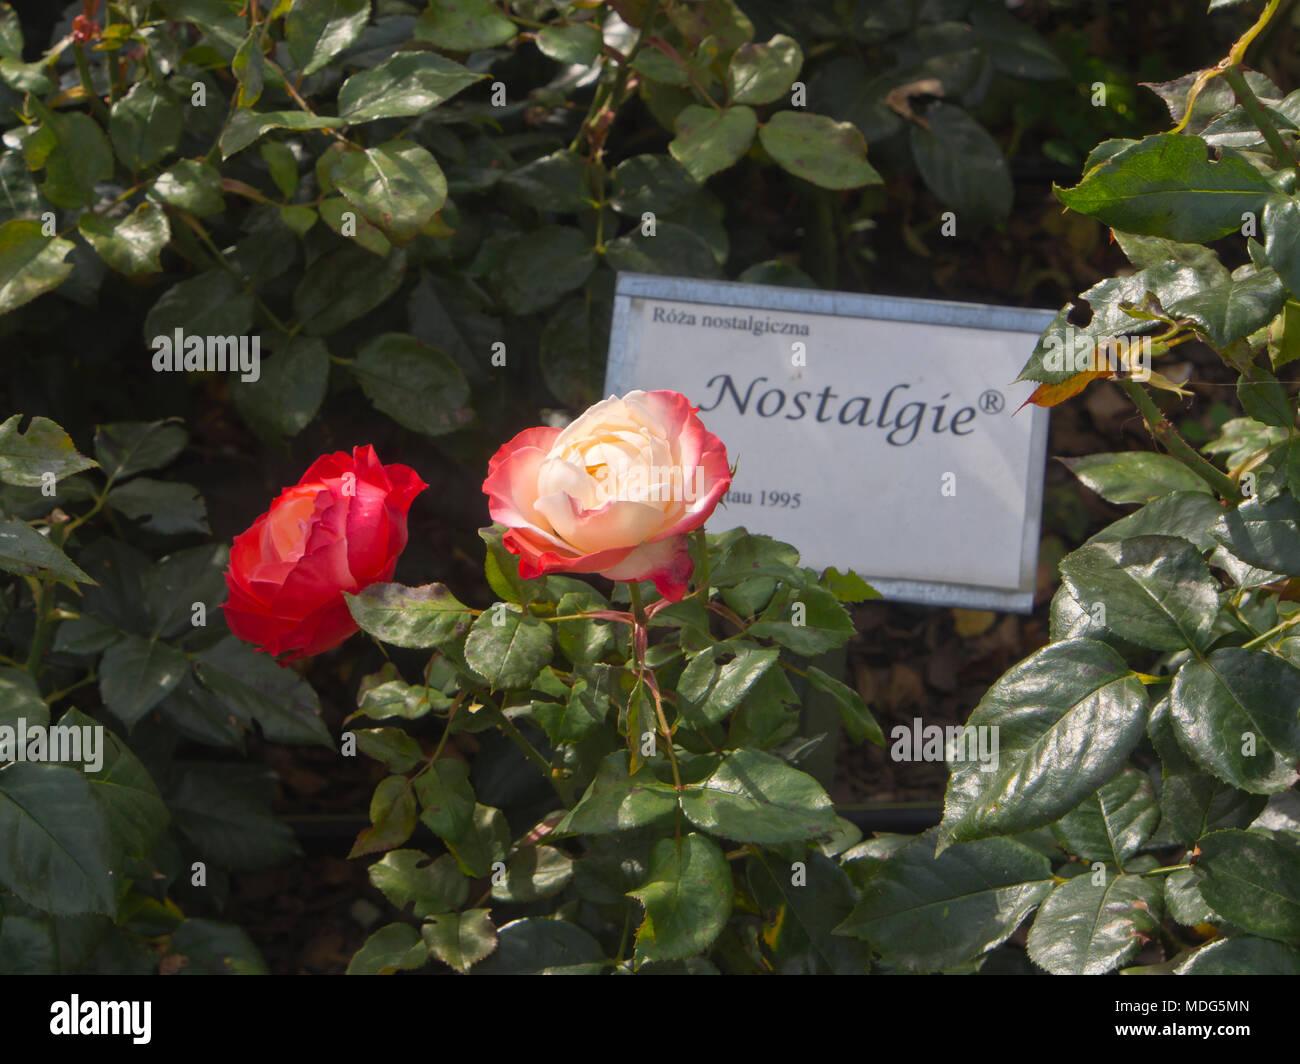 Die rose Nostalgie (tantau) in einem Park im Sommer Urlaubsort in der Nähe von Danzig, Sopot Polen an der Ostseeküste fotografiert. Stockbild